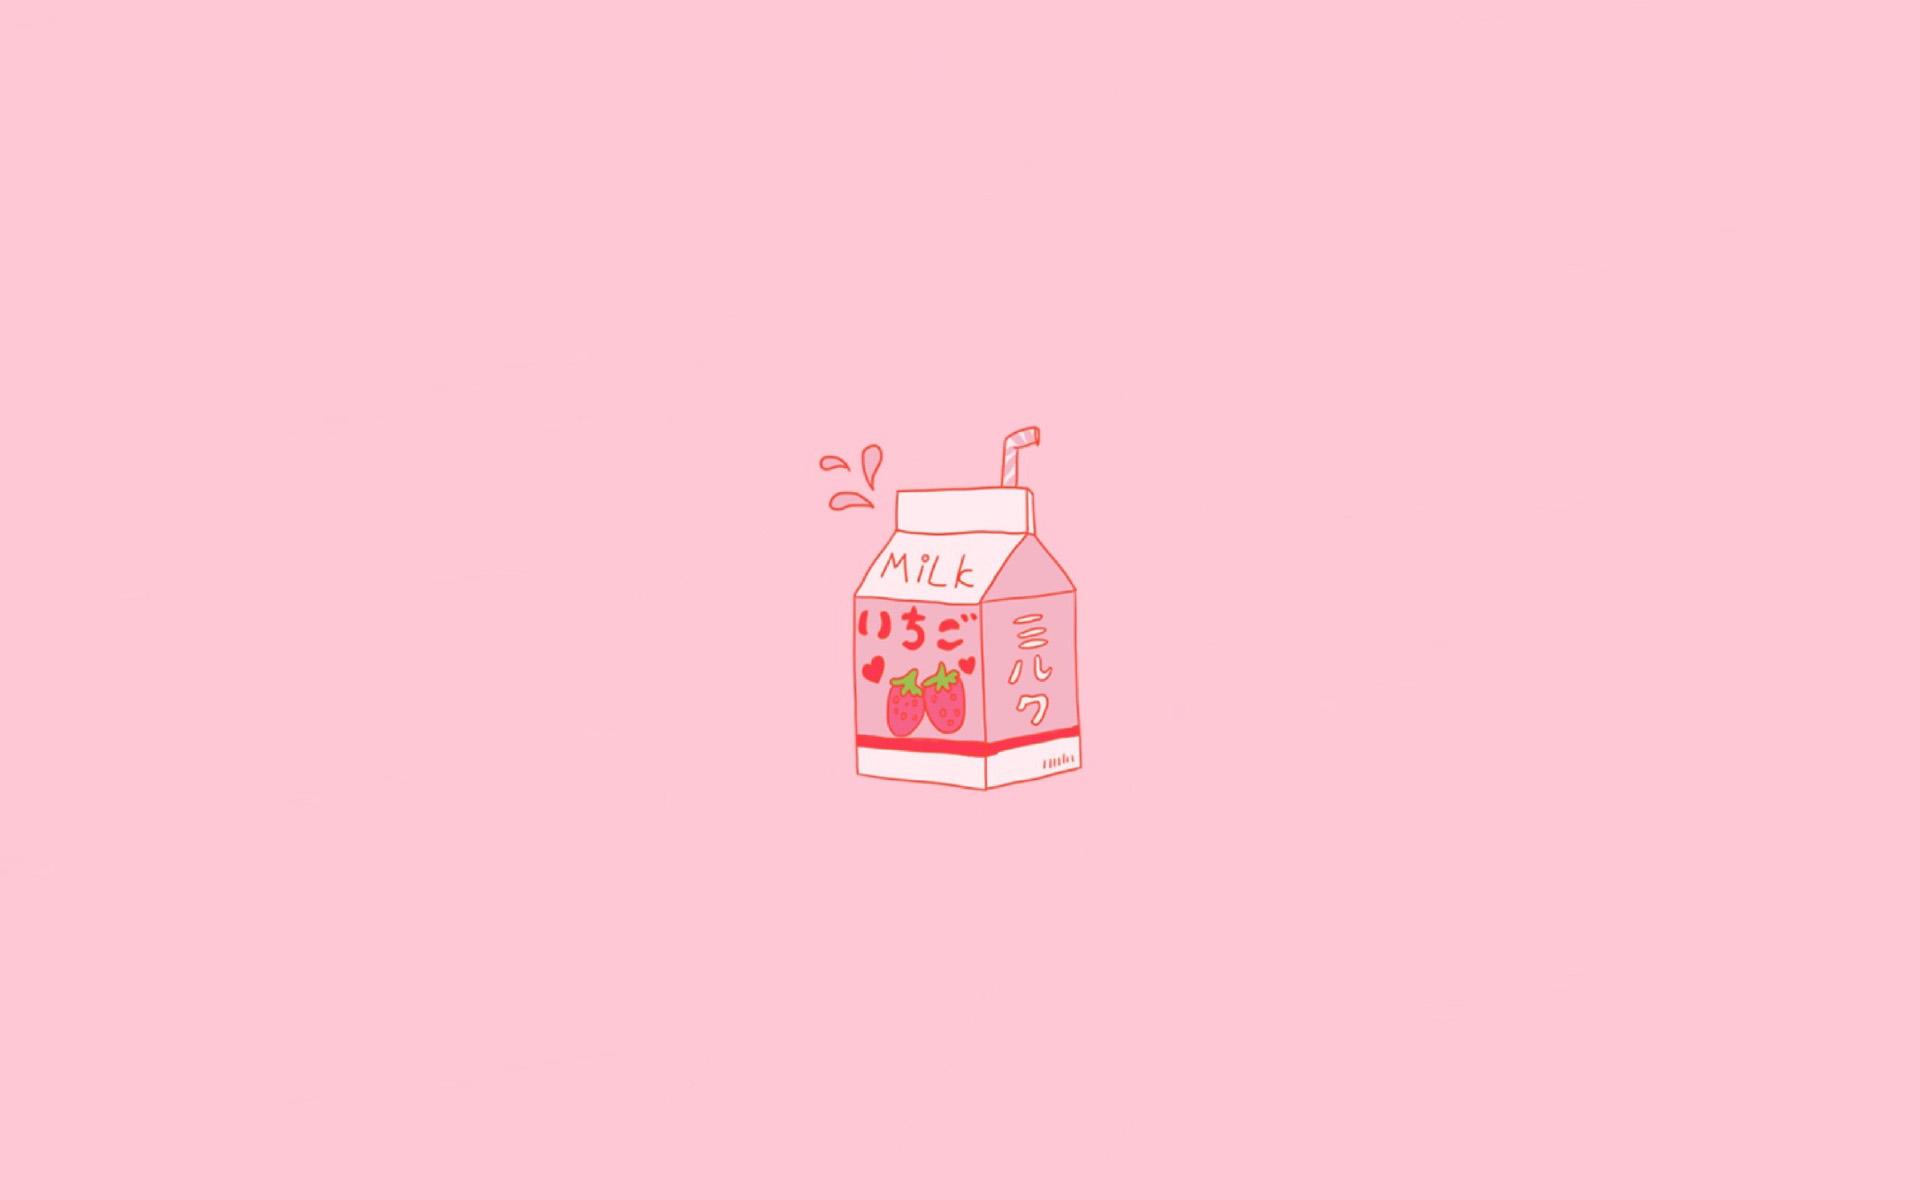 【v粉壁纸】粉色少女心高清卡通壁纸